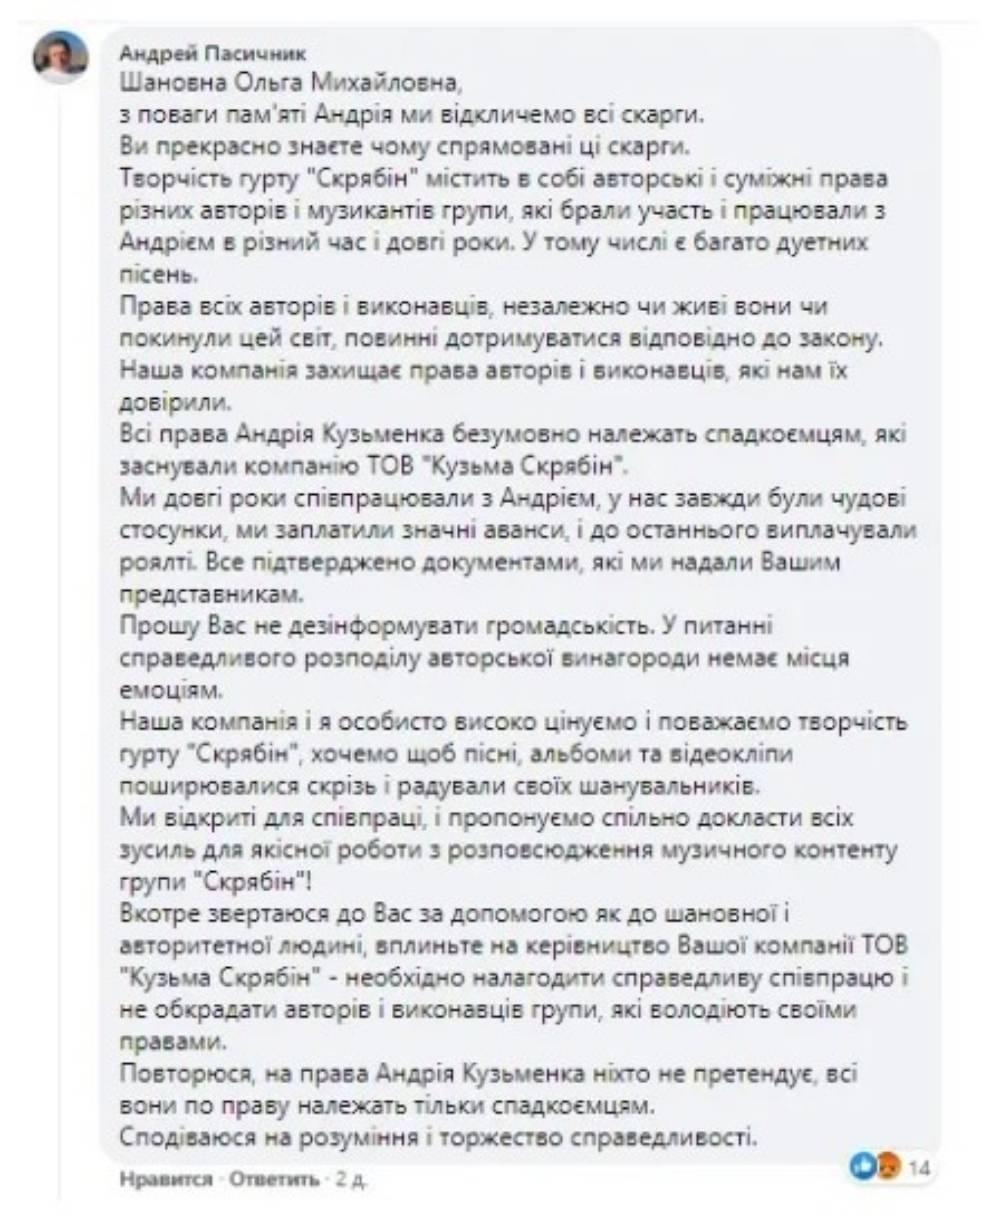 Семья Кузьмы Скрябина обвиняет Moon Records в попытке присвоить его авторские права